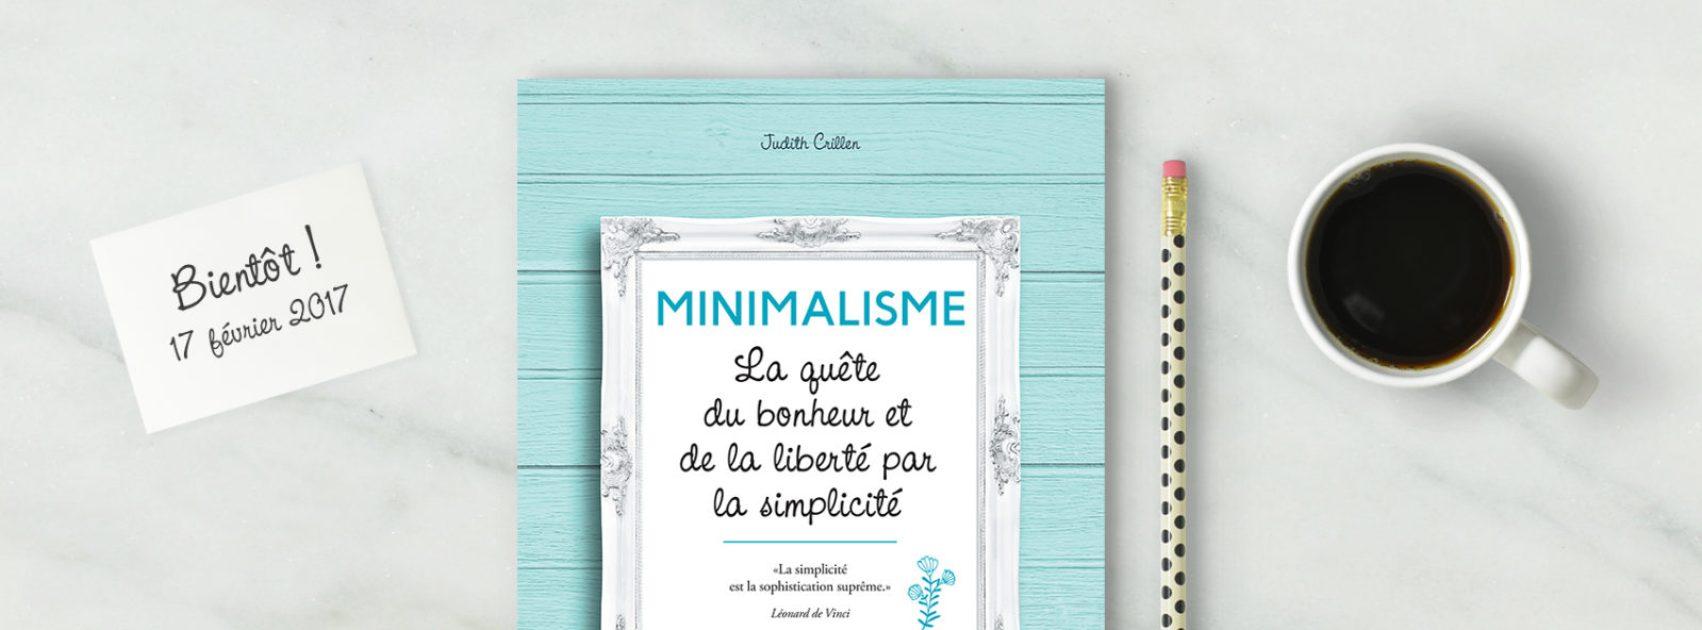 Minimalisme, la quête du bonheur et de la liberté par la simplicité, de Judith Crillen